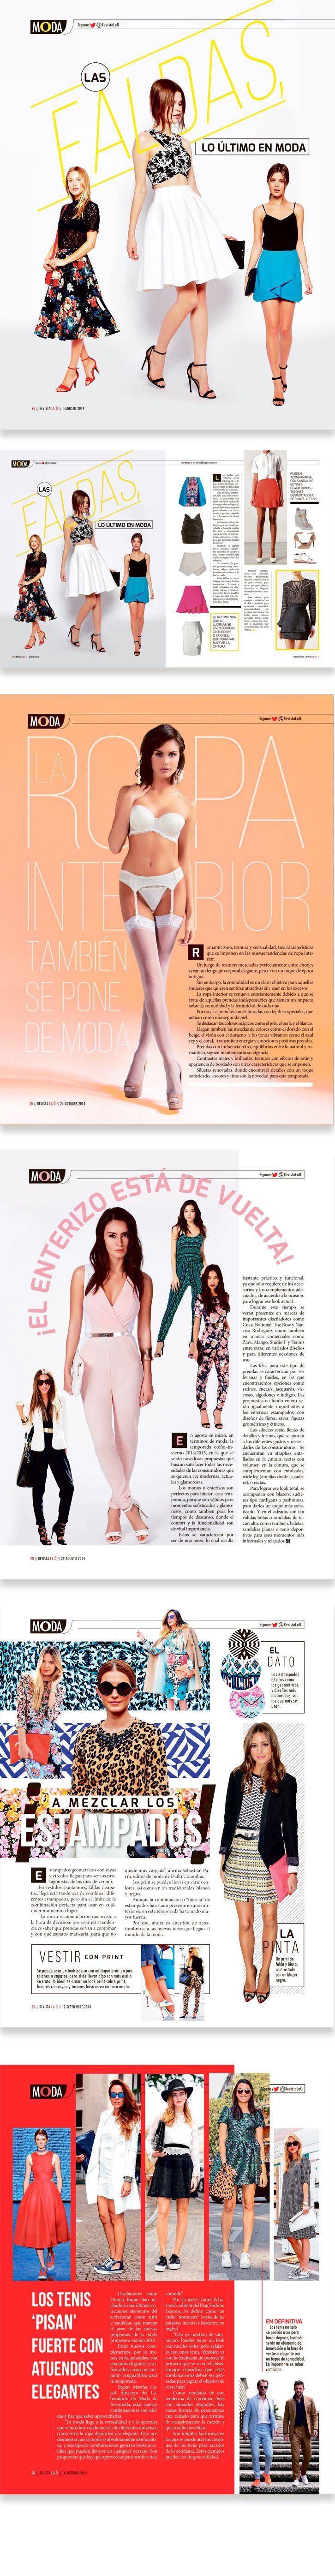 Diseño editorial // Revista: La Ó // Sección: Moda. Instagram: carmarcusdesign